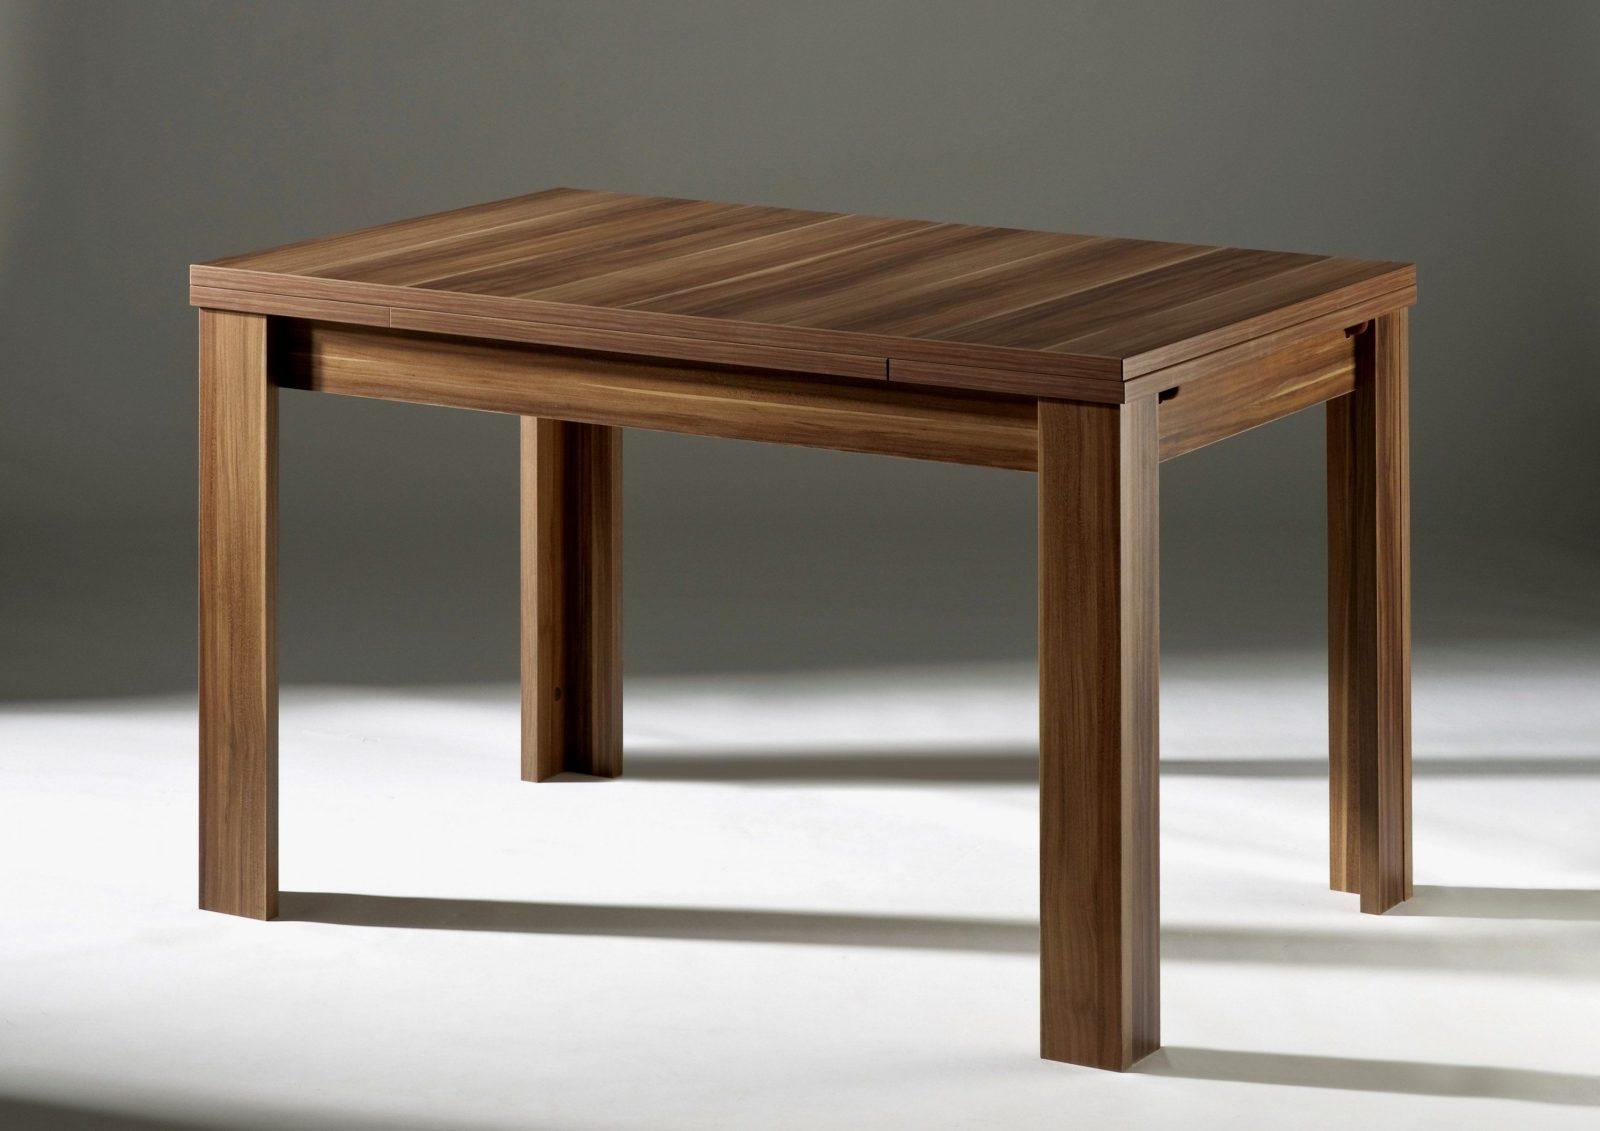 Herrlich Esstisch X Esstisch 120 X 80 Einfach Esstisch Ausziehbar von Küchentisch 80 X 120 Bild